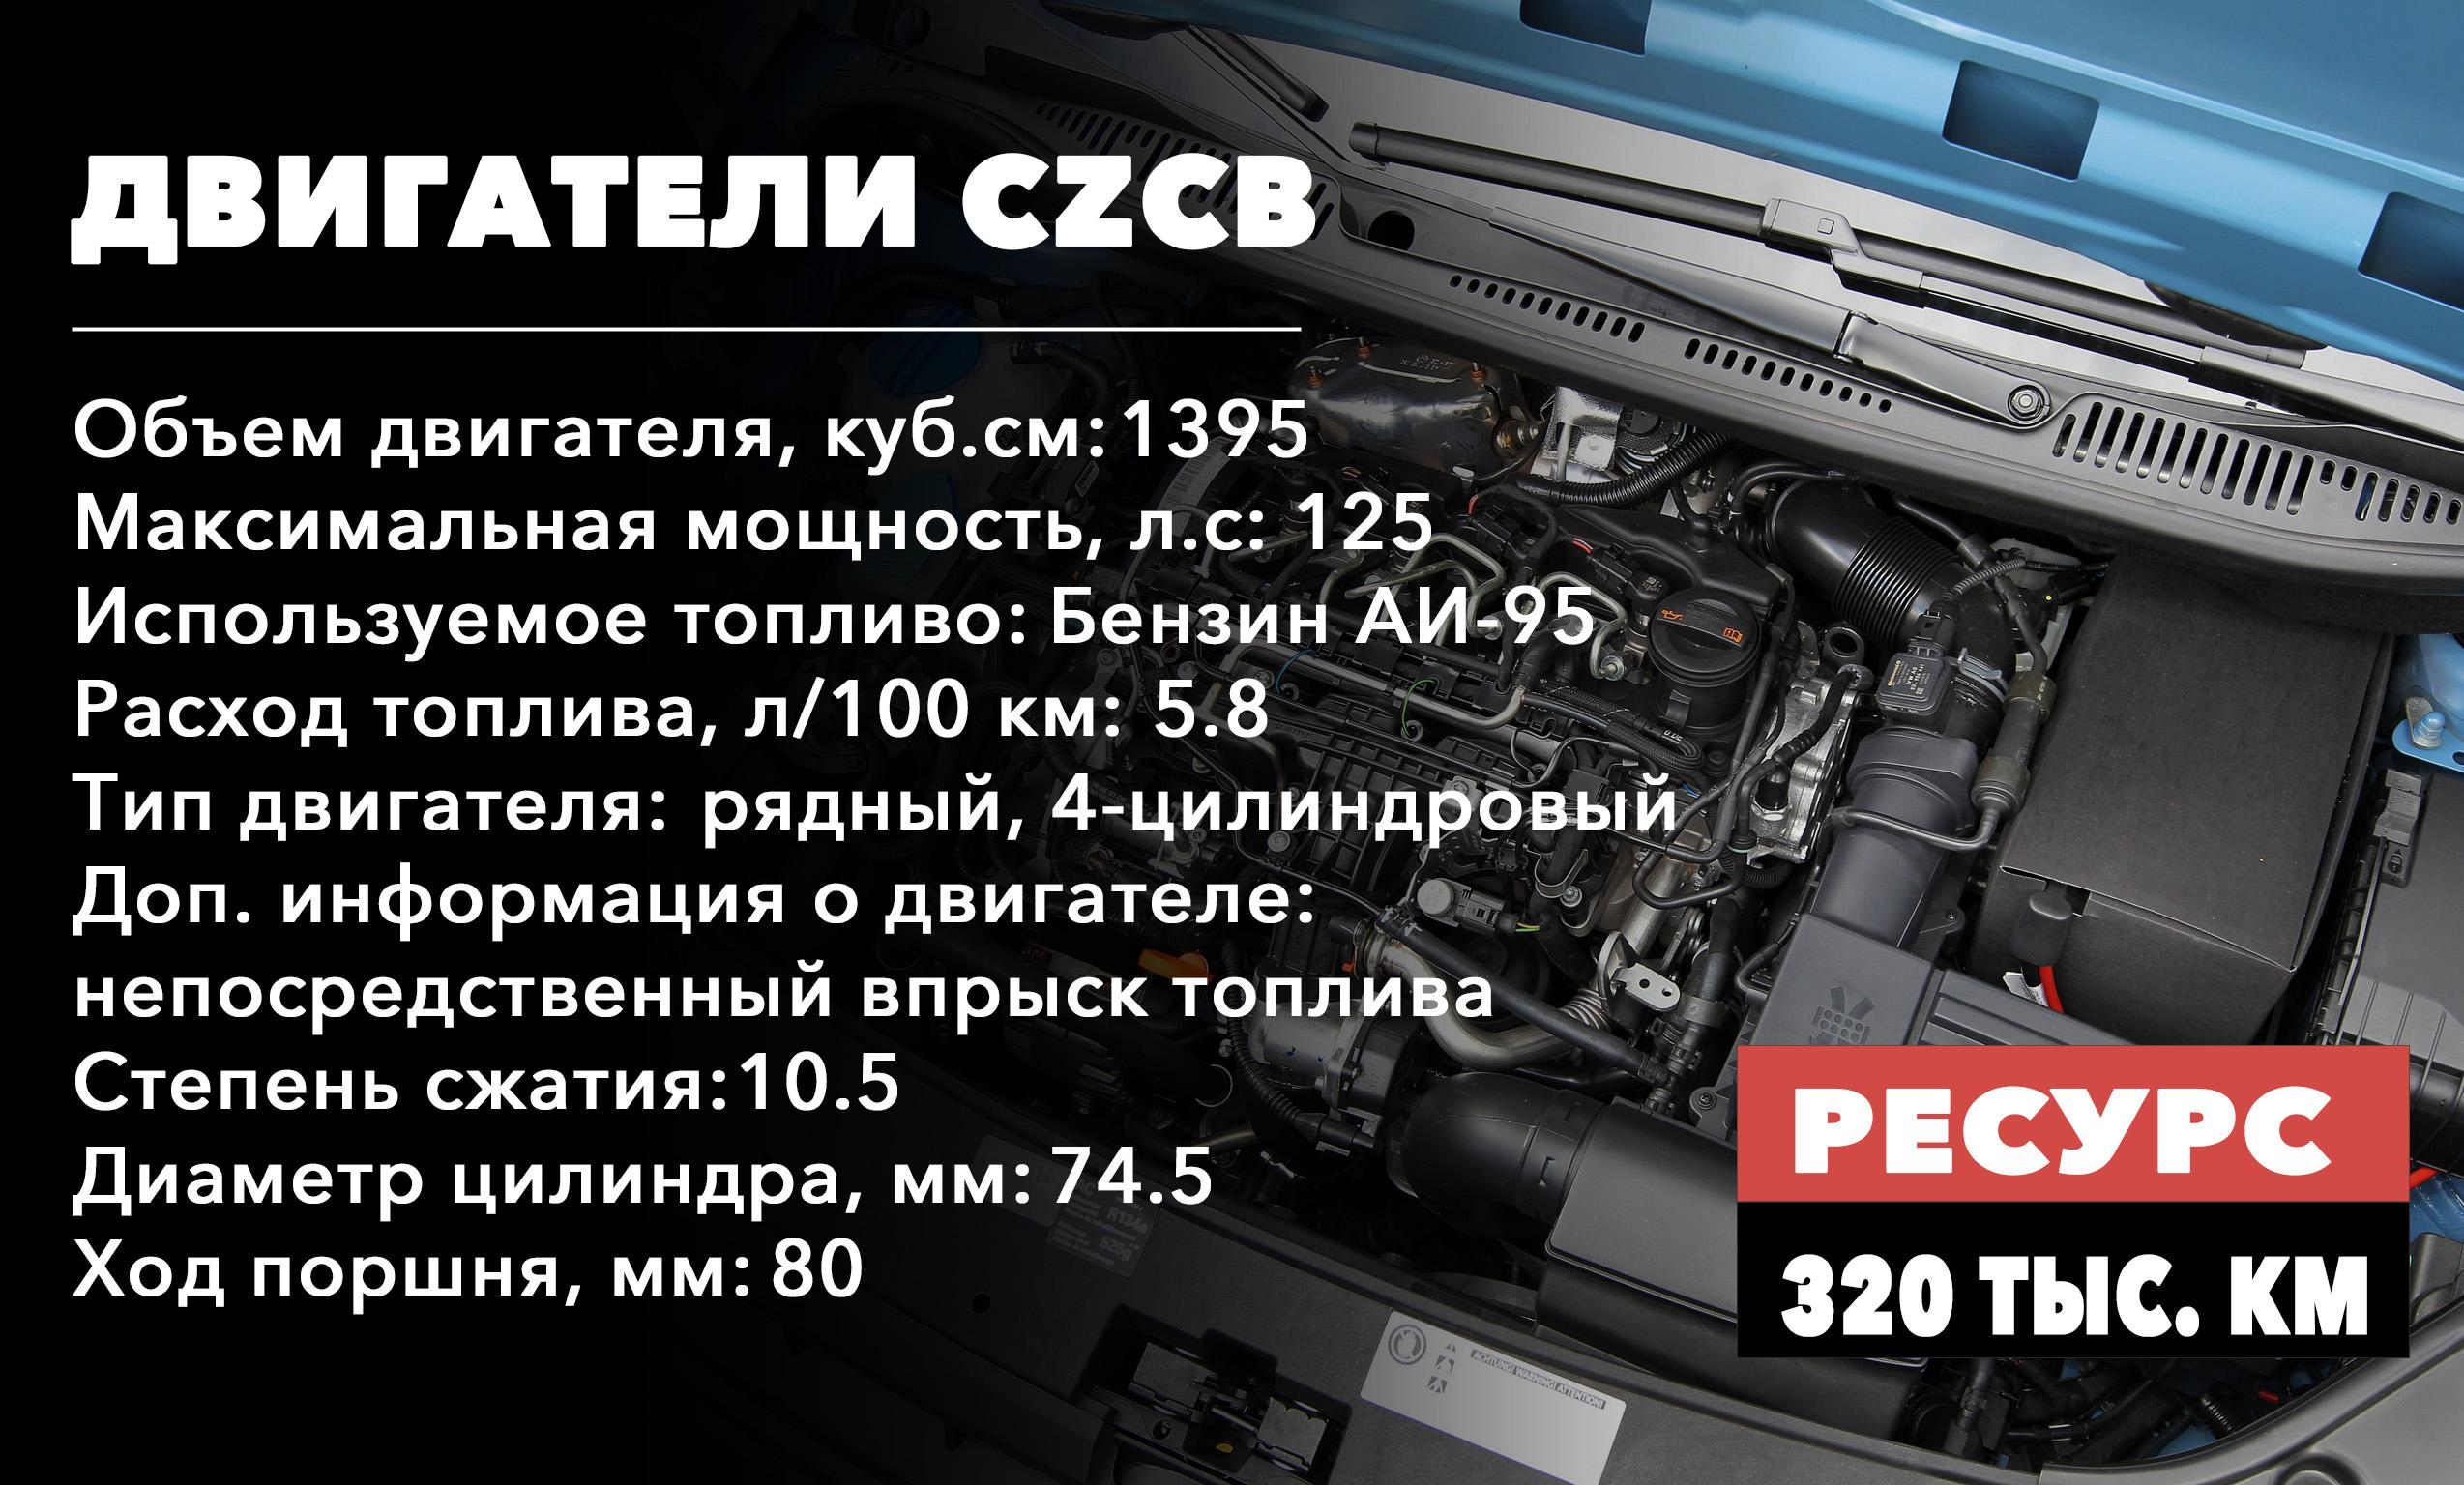 Ресурс движков на 1.4 литра(CZCB)